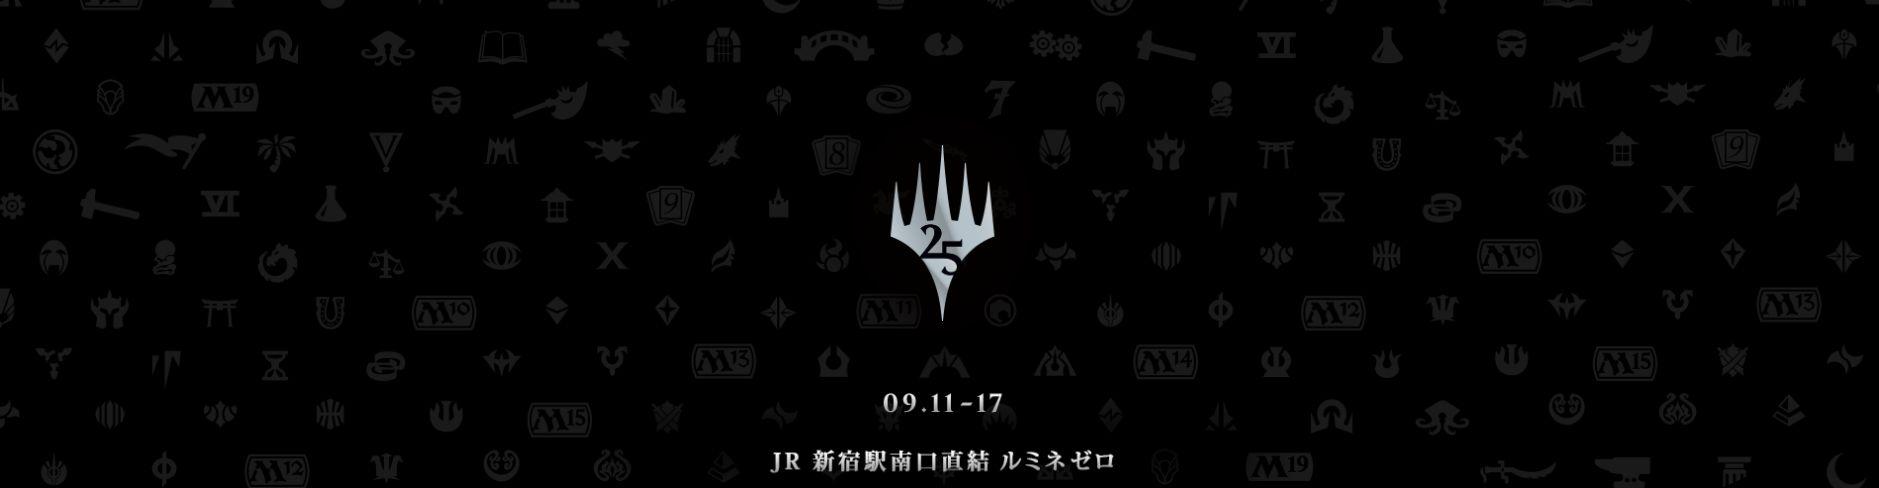 新宿ルミネゼロにて「MTG25周年記念 マジックザギャザリング展」が開催決定!開催期間は2018年9月11日~9月17日の一週間限定!